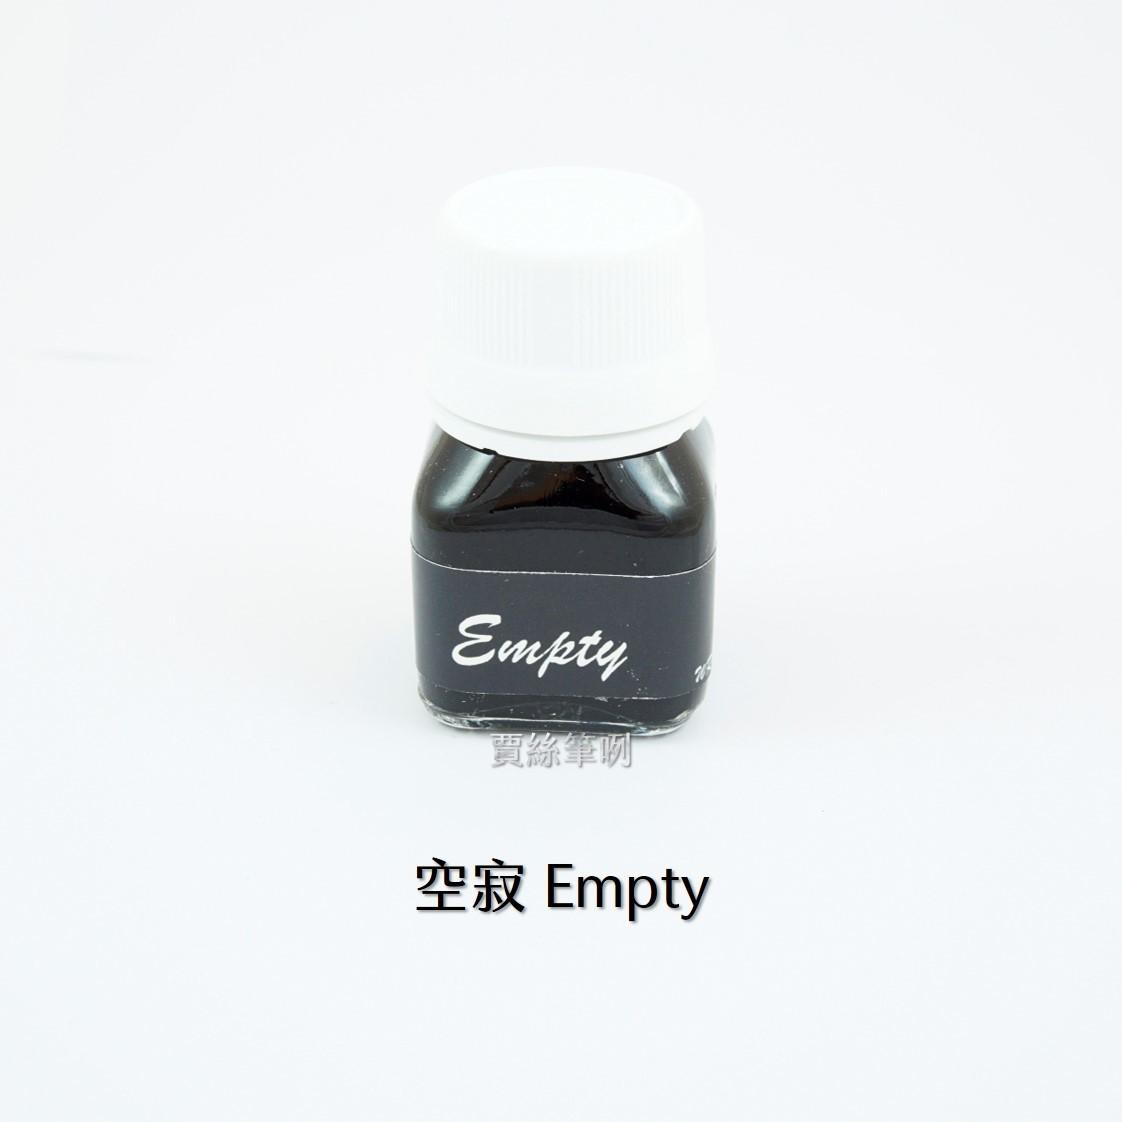 商品圖 - 空寂 Empty.jpg